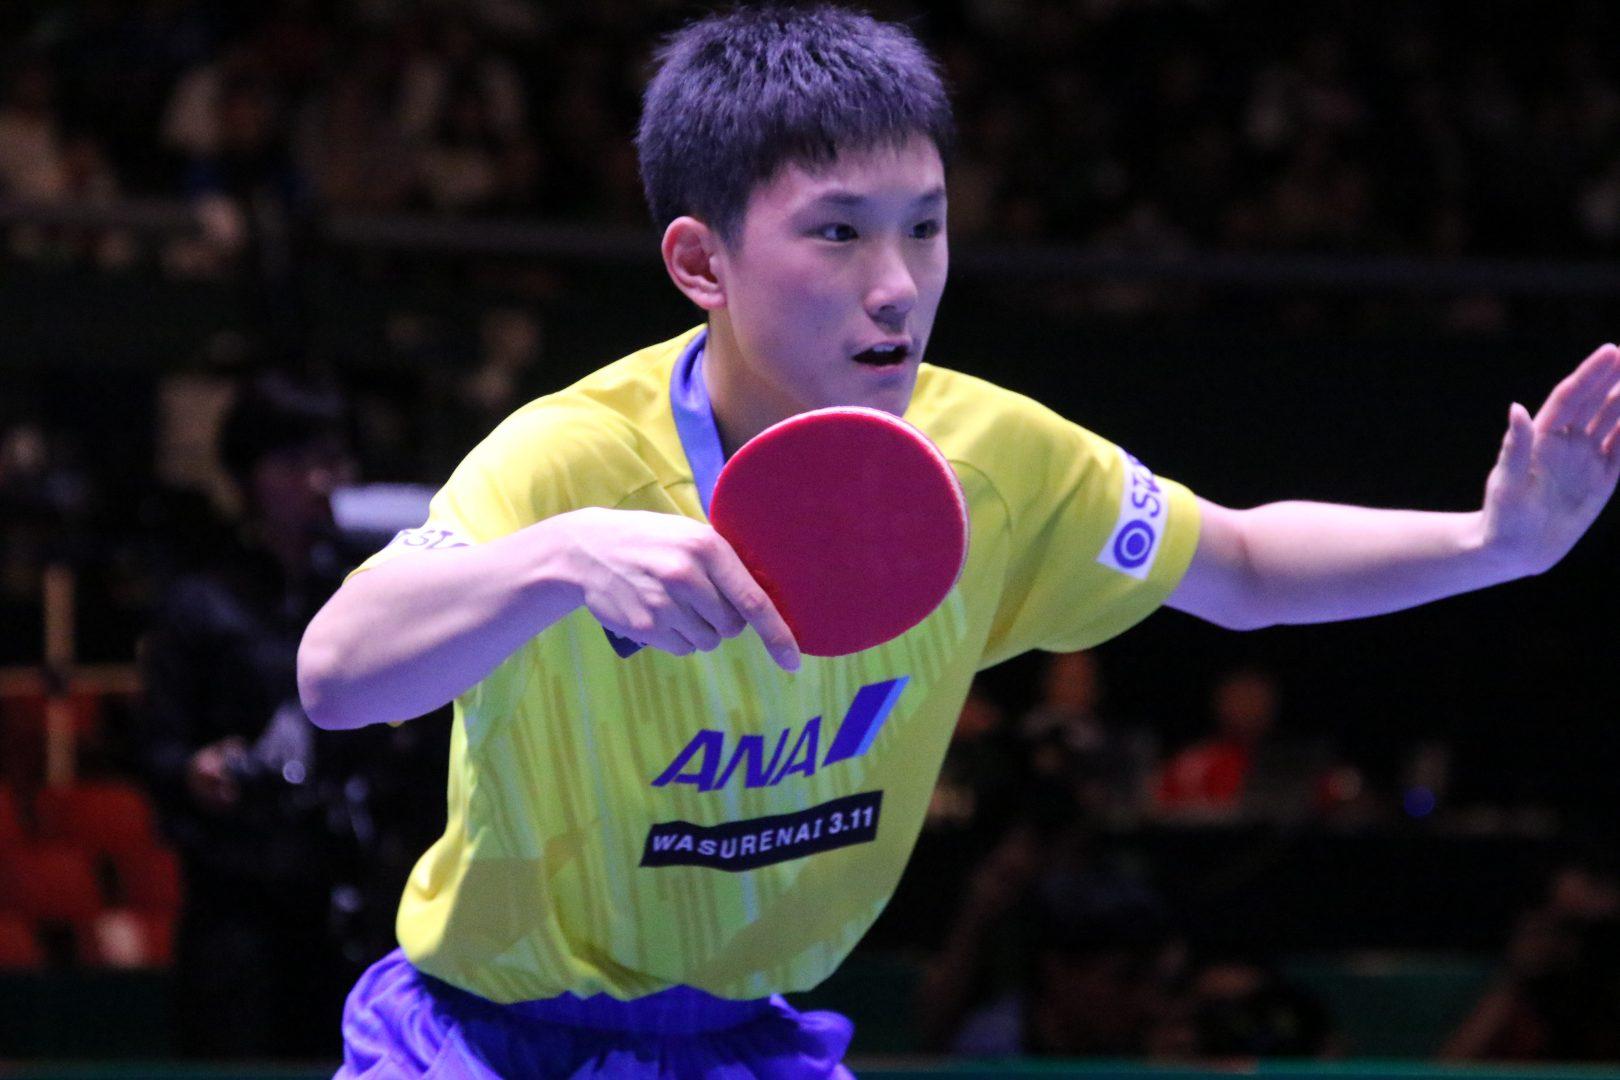 【速報】中国との決戦 丹羽・吉村ペアと張本が敗れ中国がリード<JA全農 卓球チームワールドカップ>